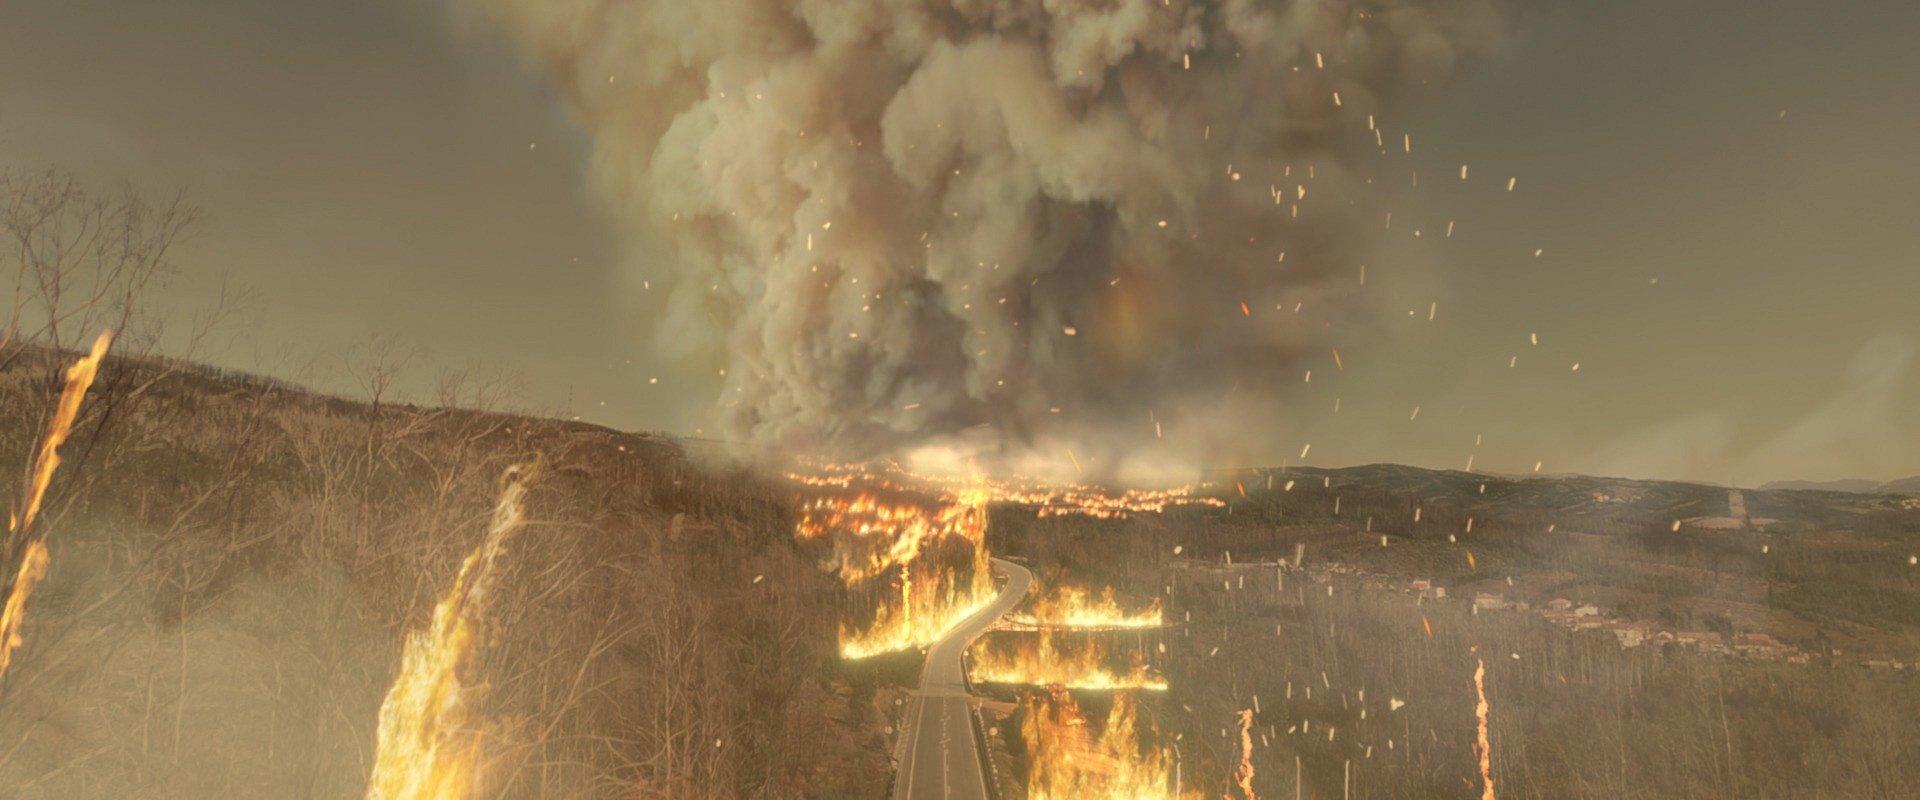 Widzowie w samym epicentrum wydarzeń. Kanał National Geographic pokaże katastrofy naturalne z bardzo bliska